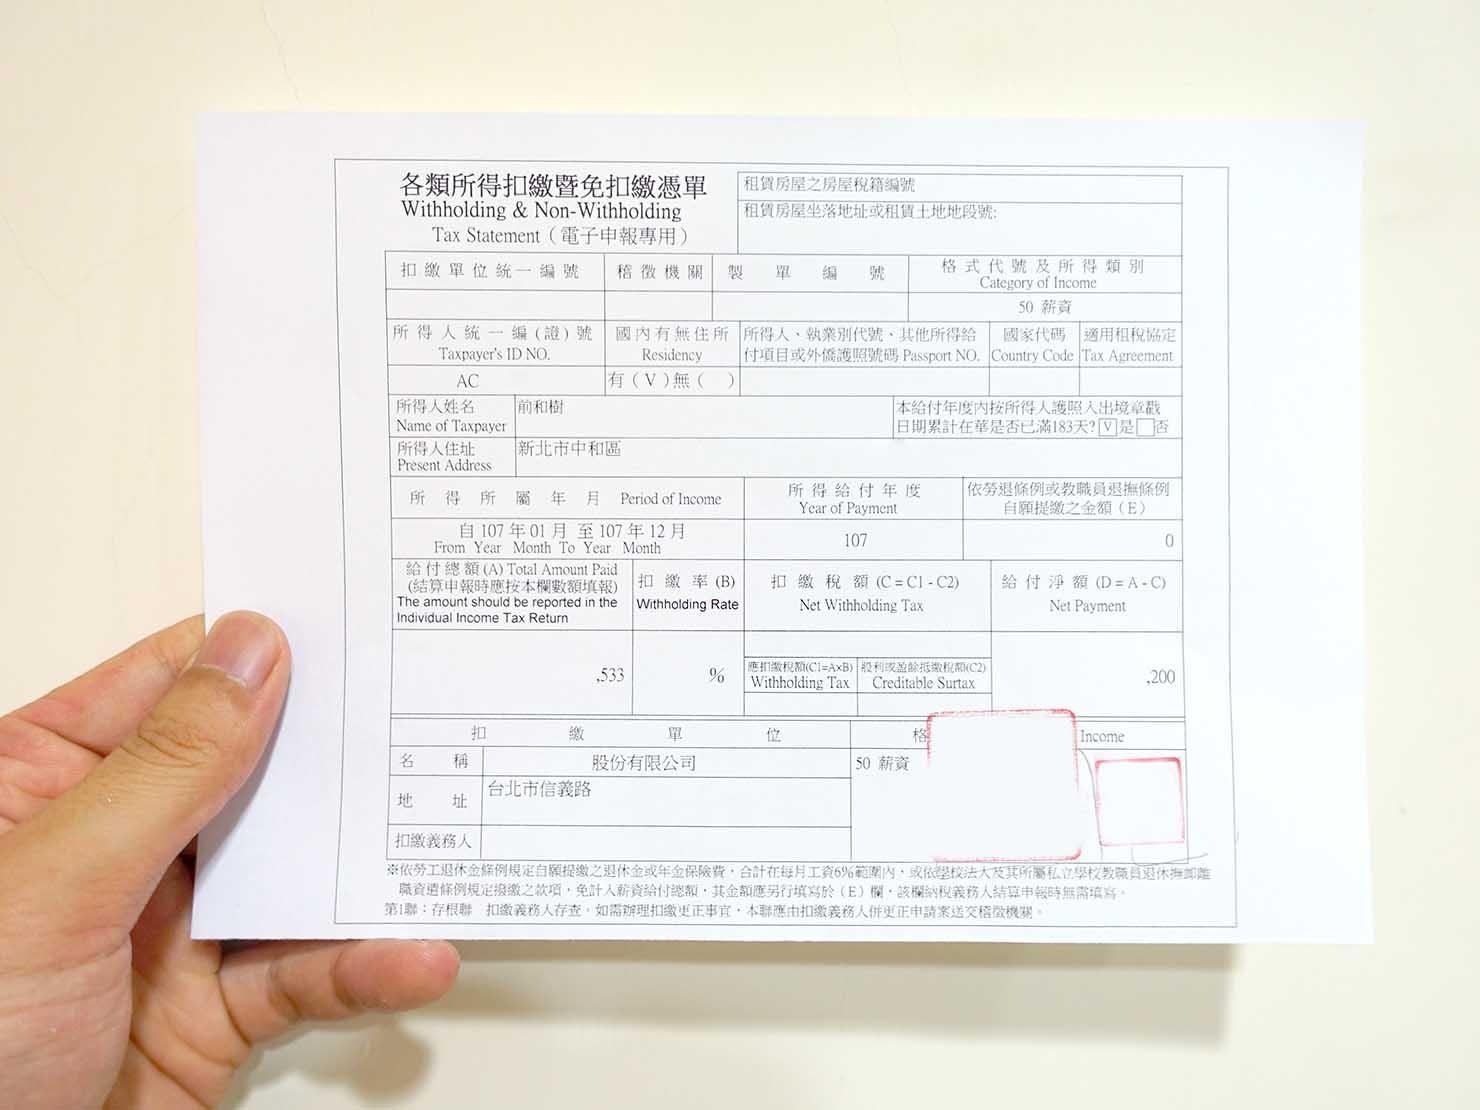 台湾の永住権(永久居留證)申請に必要な書類:扣繳憑單